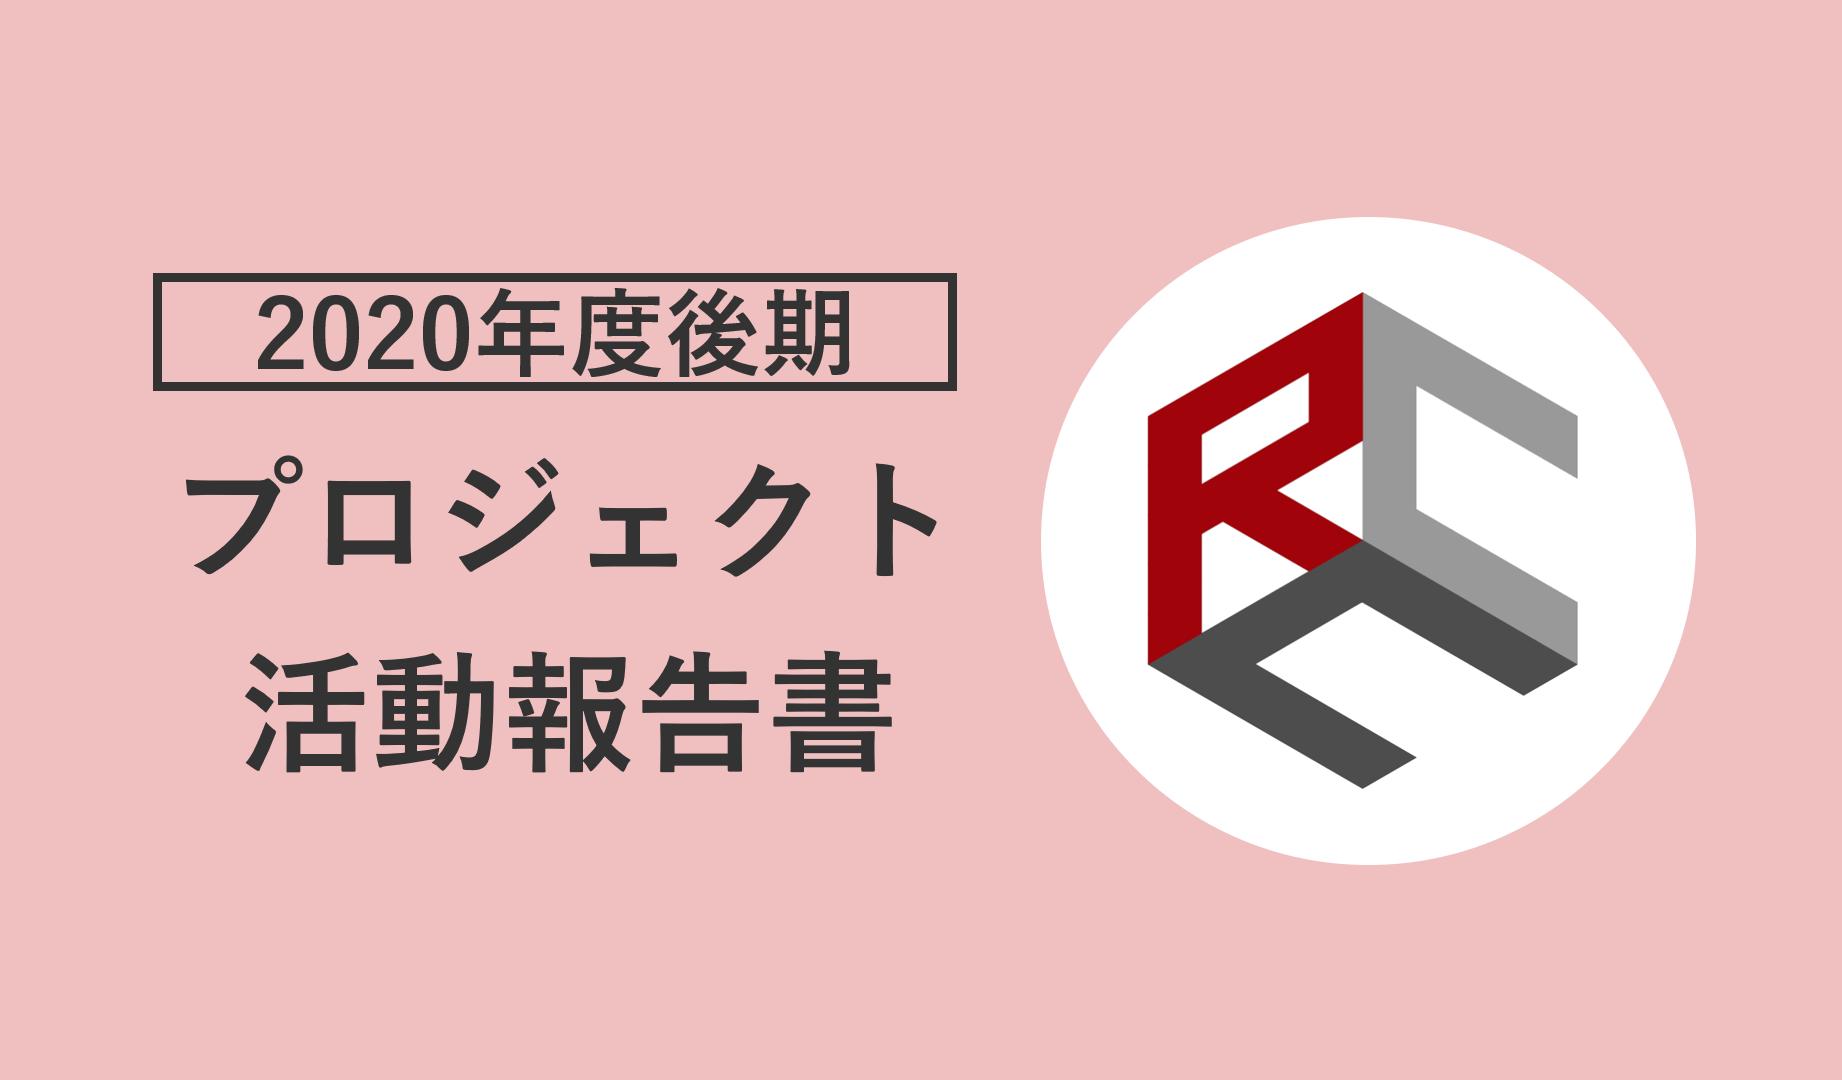 2020年度プロジェクト活動報告書